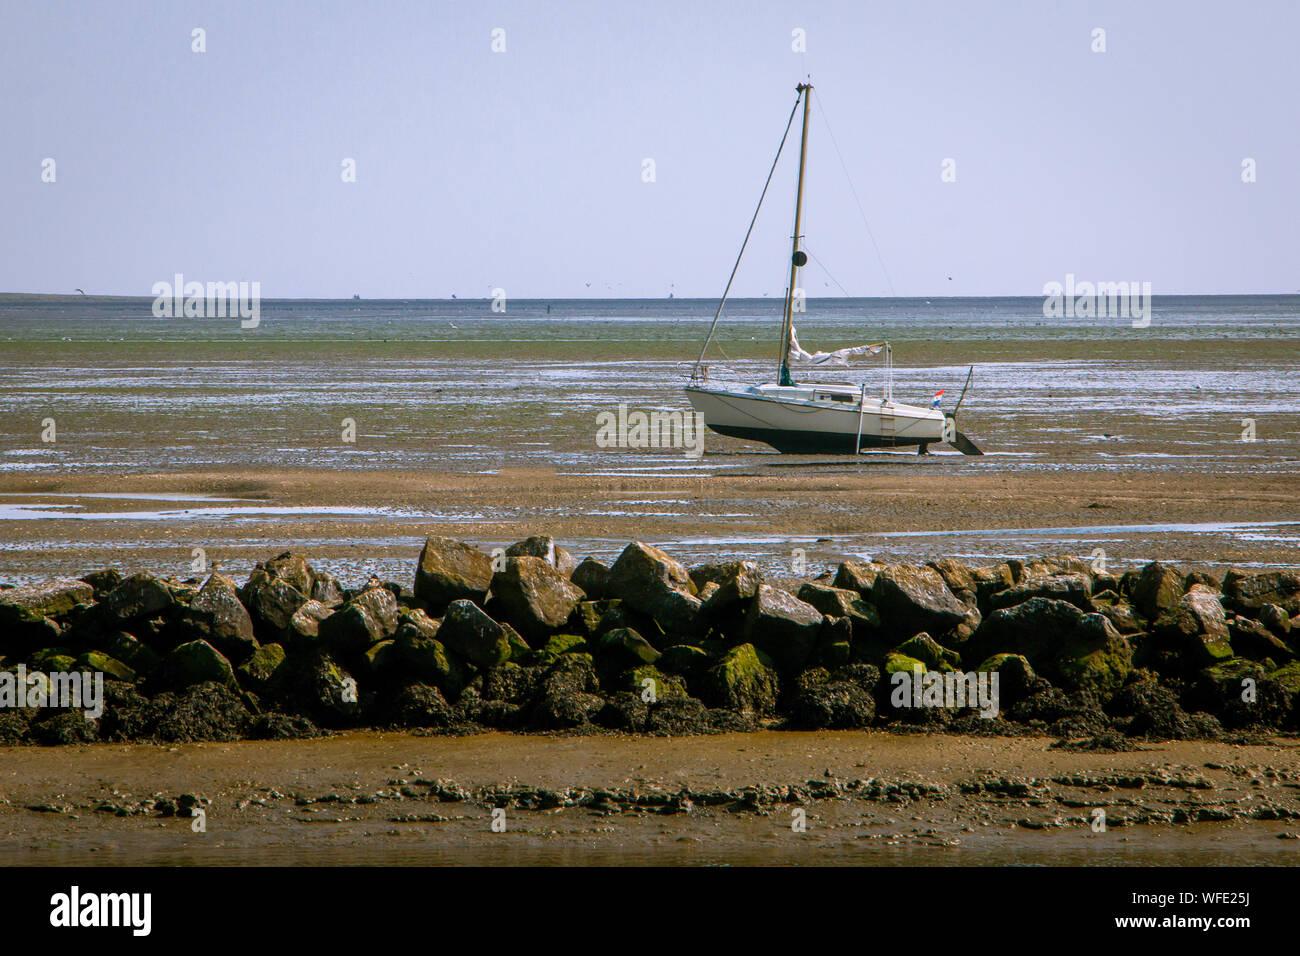 El Mar de Wadden, con su fascinante interacción de marea alta y baja o, en otras palabras, flujo y reflujo, y le da una gran vista en el suelo del mar, el Foto de stock